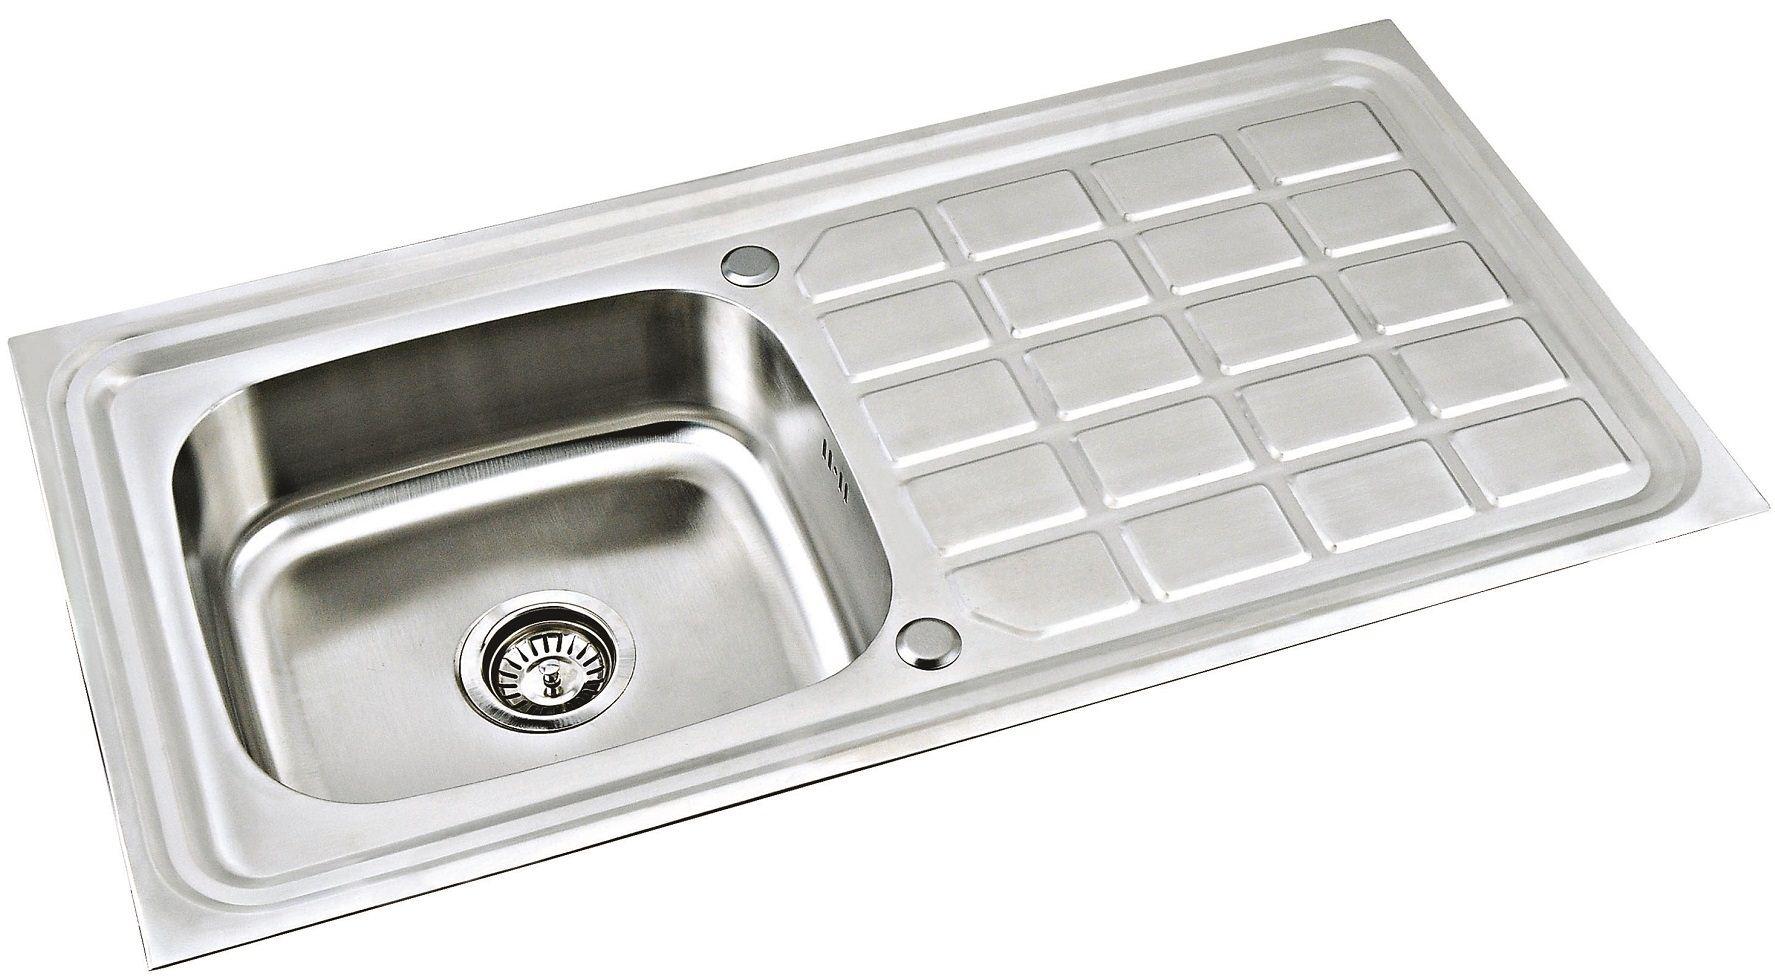 New stainless steel kitchen sink amp waste single 1 0 bowl 1 5 bowl - New Stainless Steel Kitchen Sink Amp Waste Single